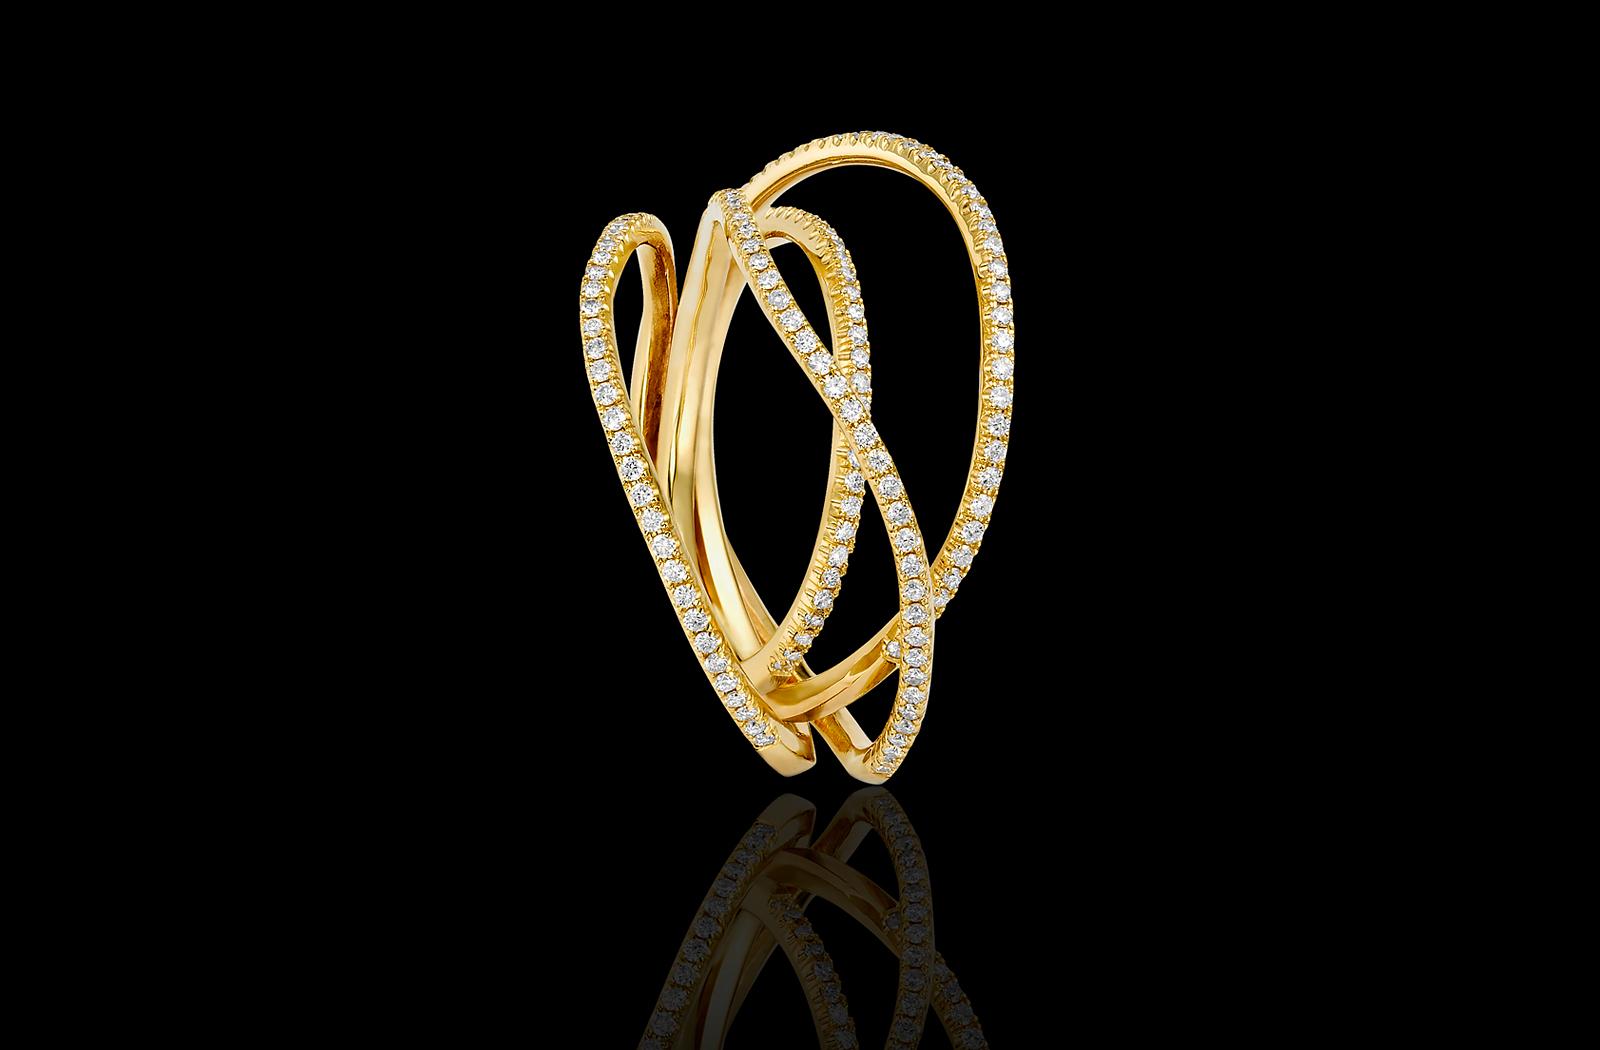 טבעת ייחודית בזהב צהוב 18K משובצת יהלומים